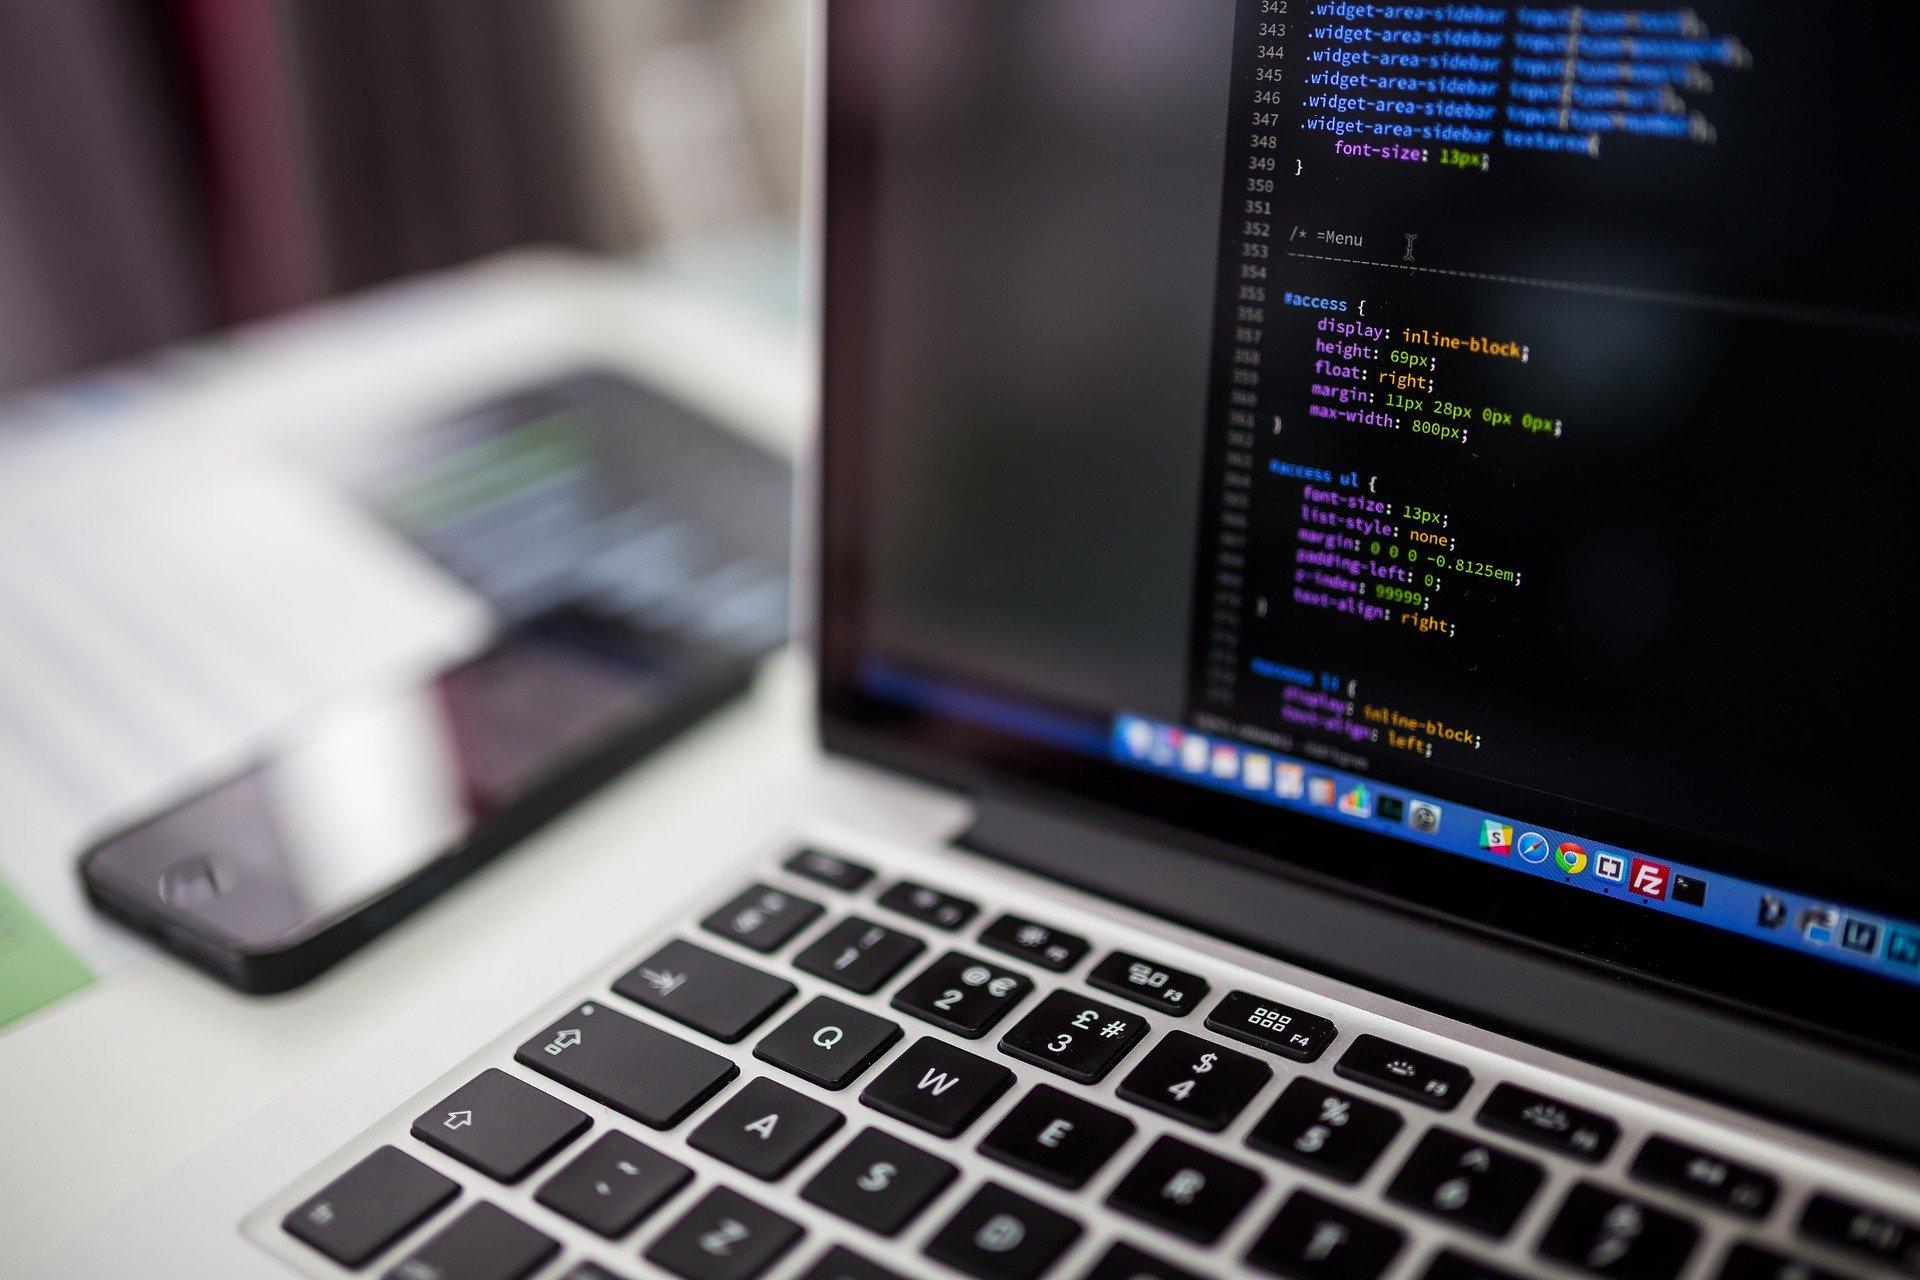 Screen showing source code